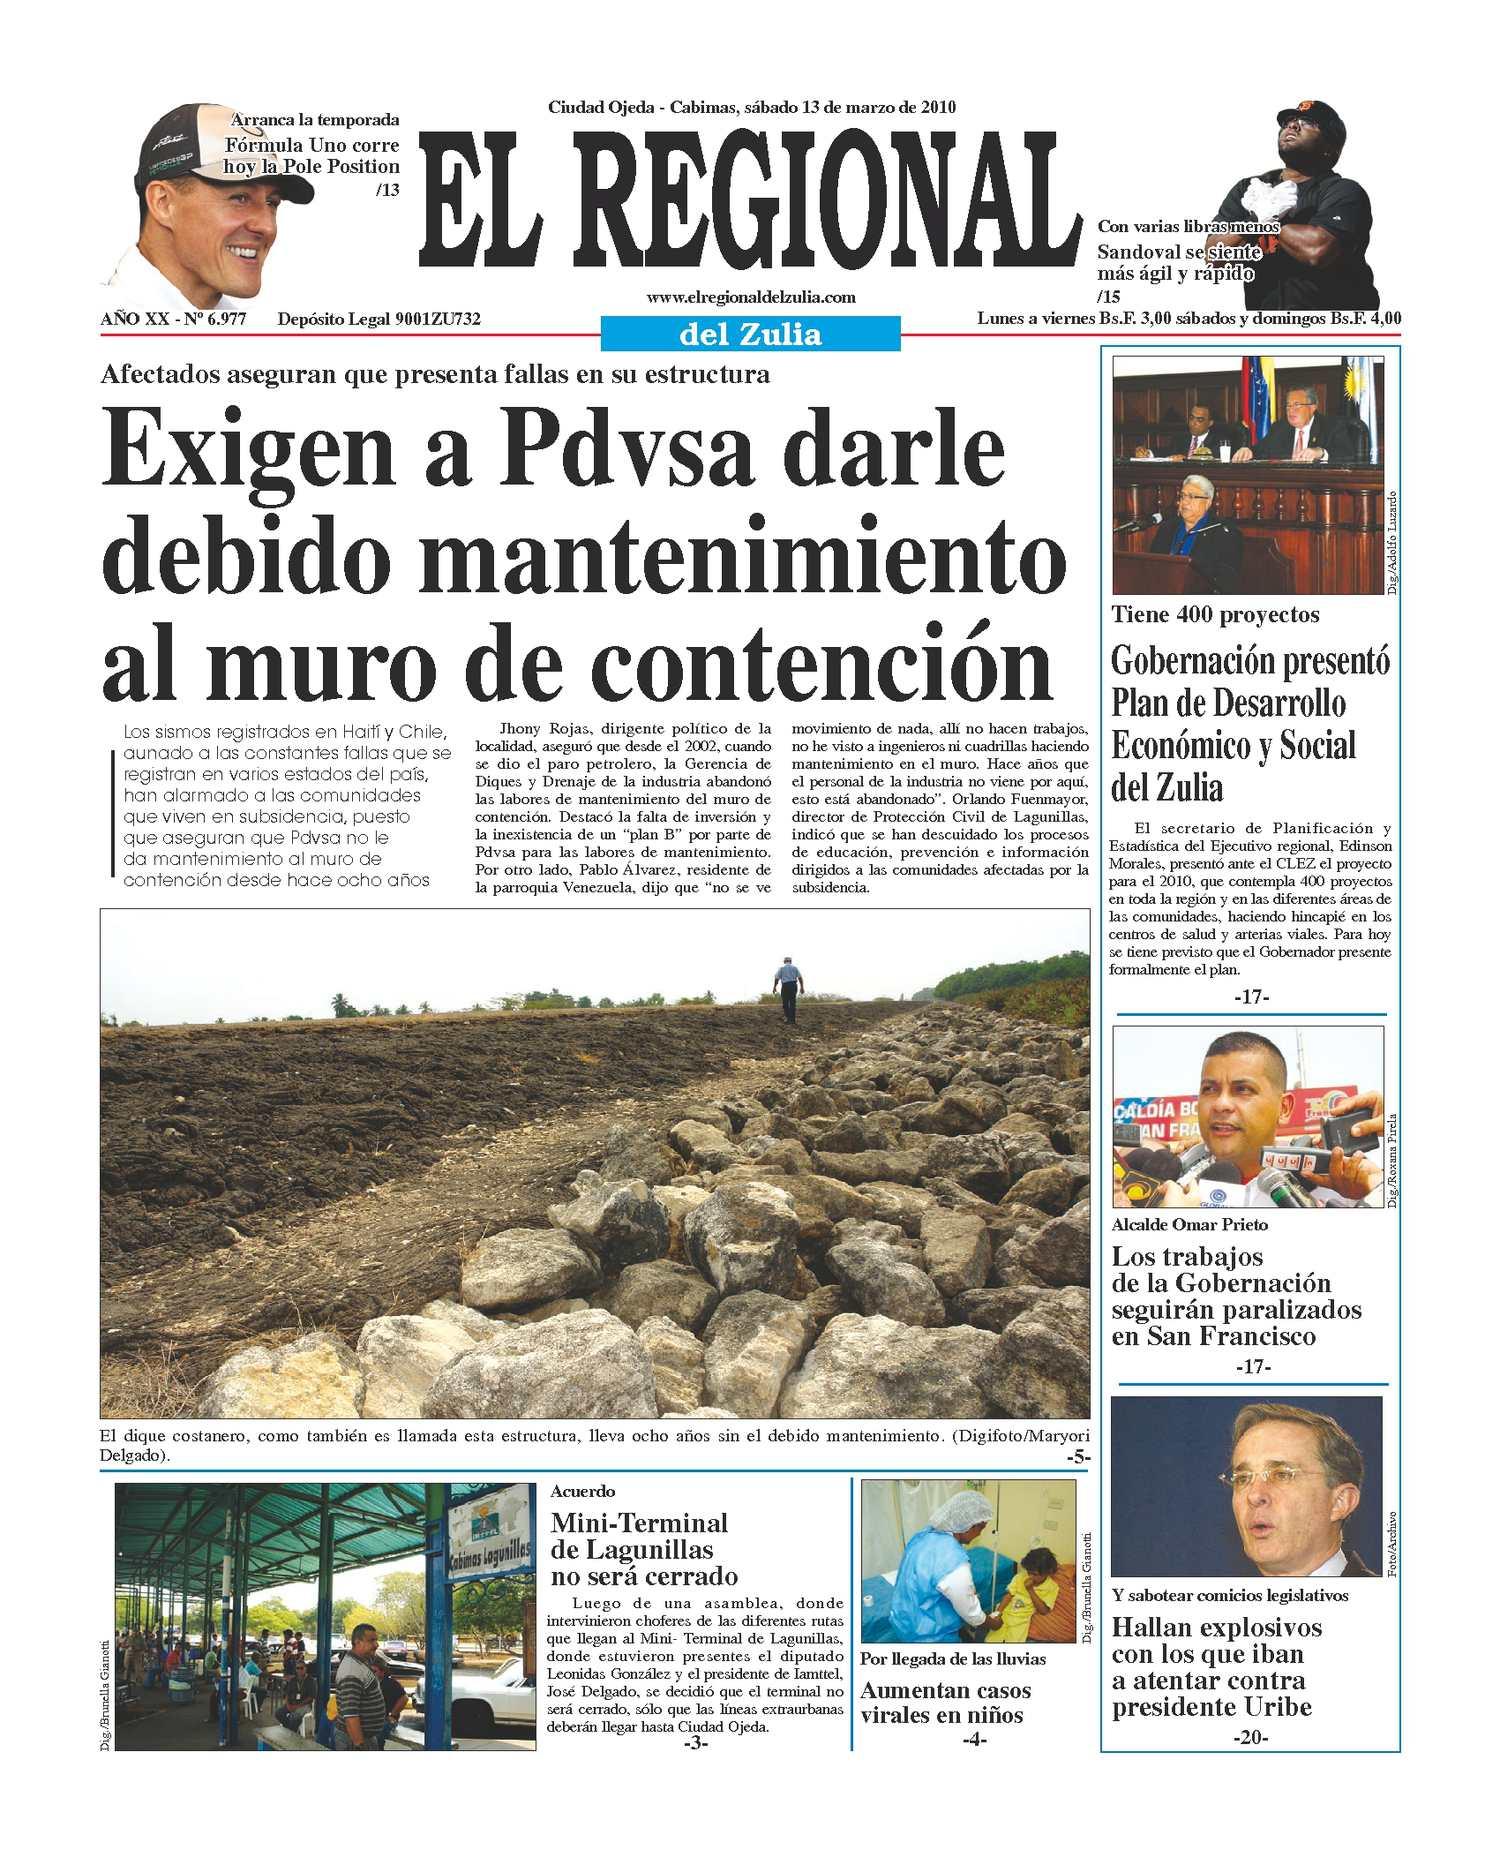 El Regional del Zulia 13-03-2010